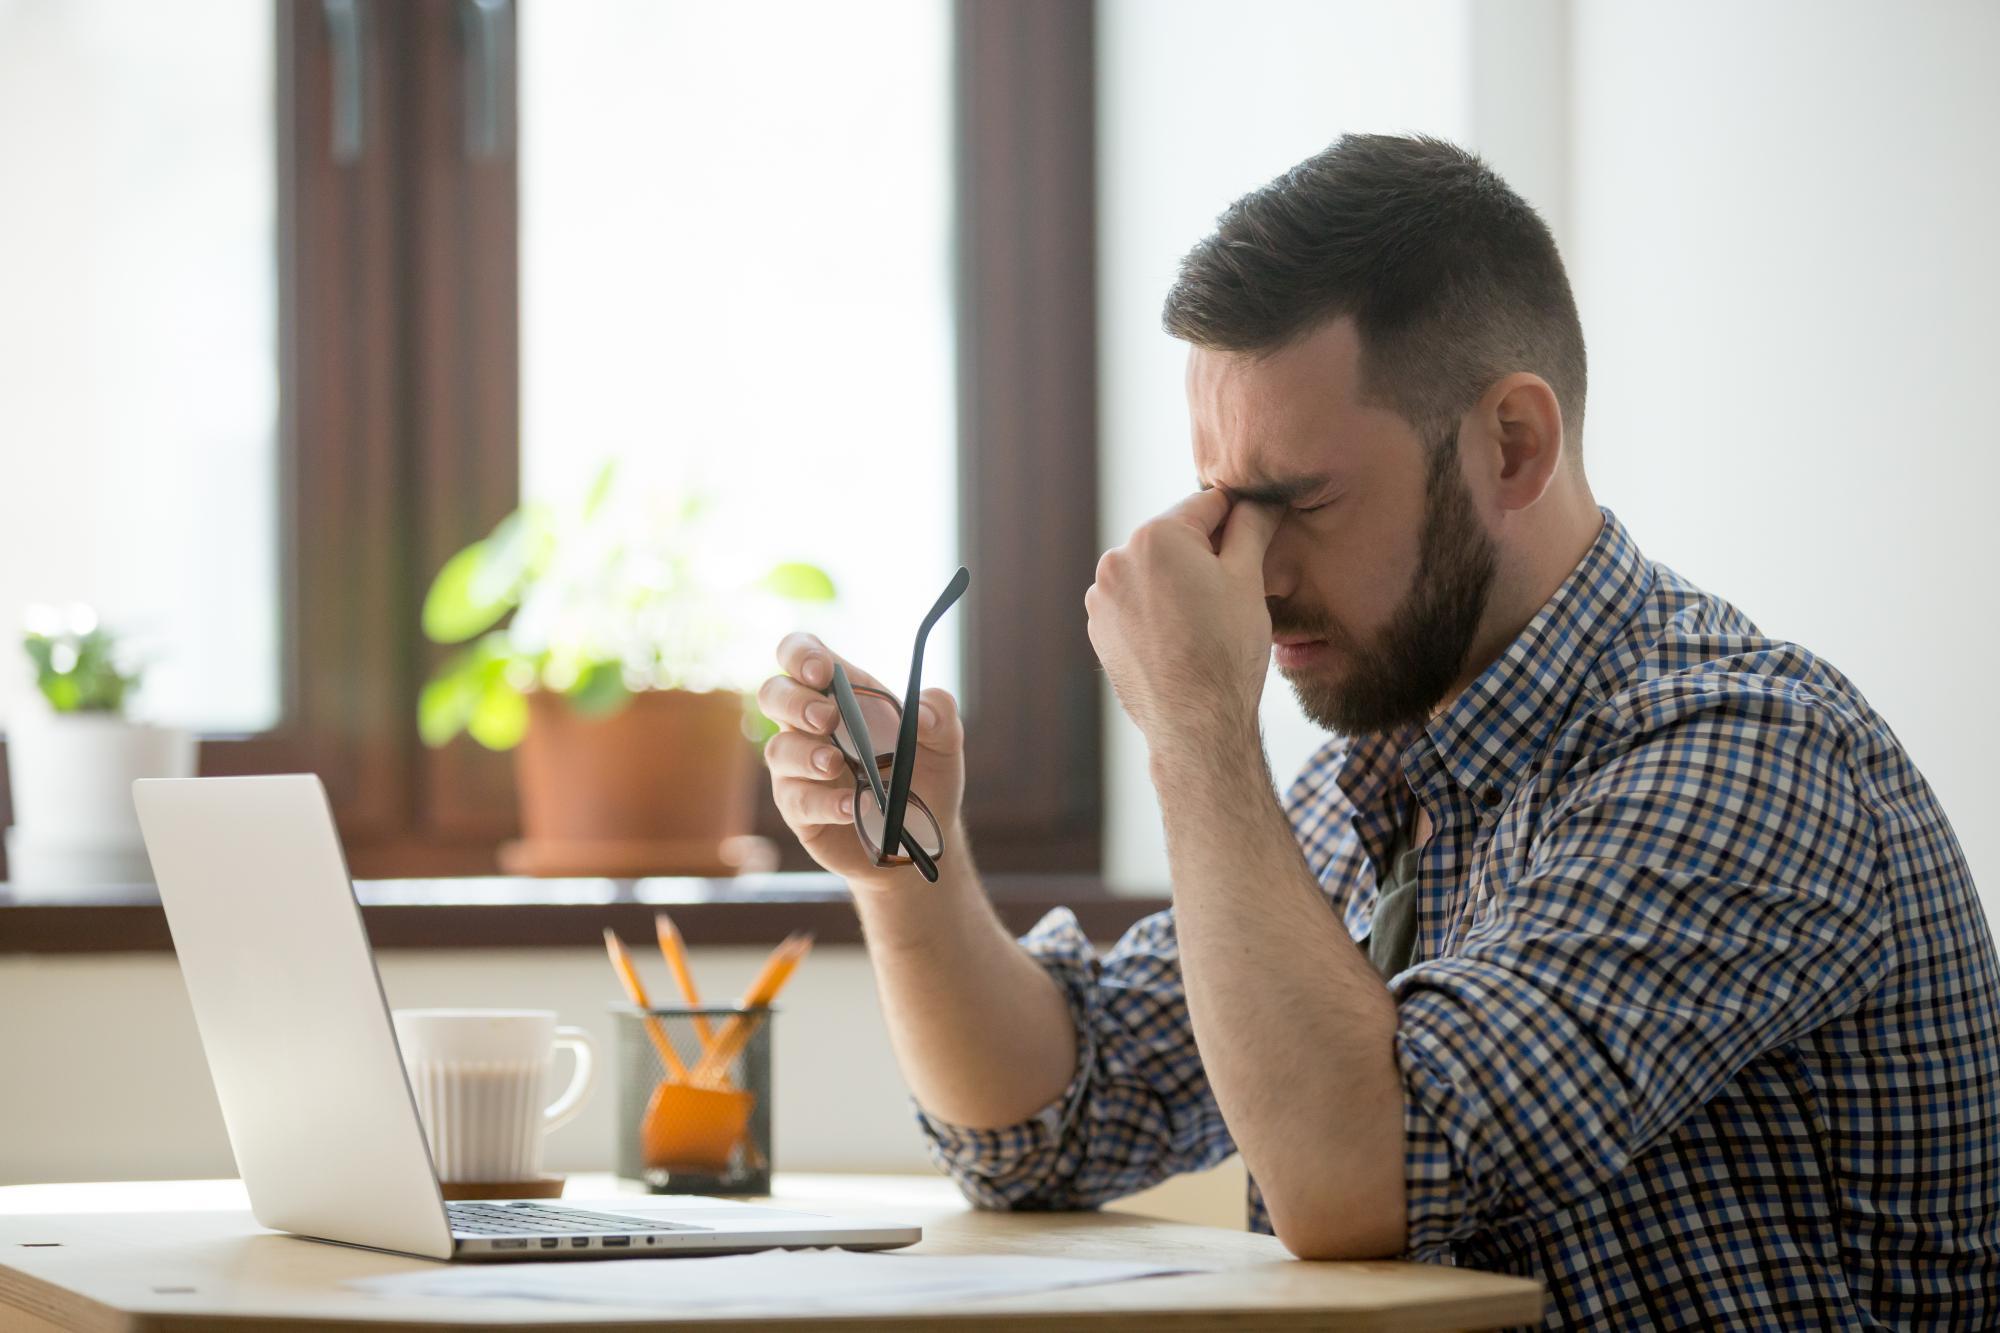 Минтруд: зарплата за 24 июня может не учитываться при расчете среднего заработка